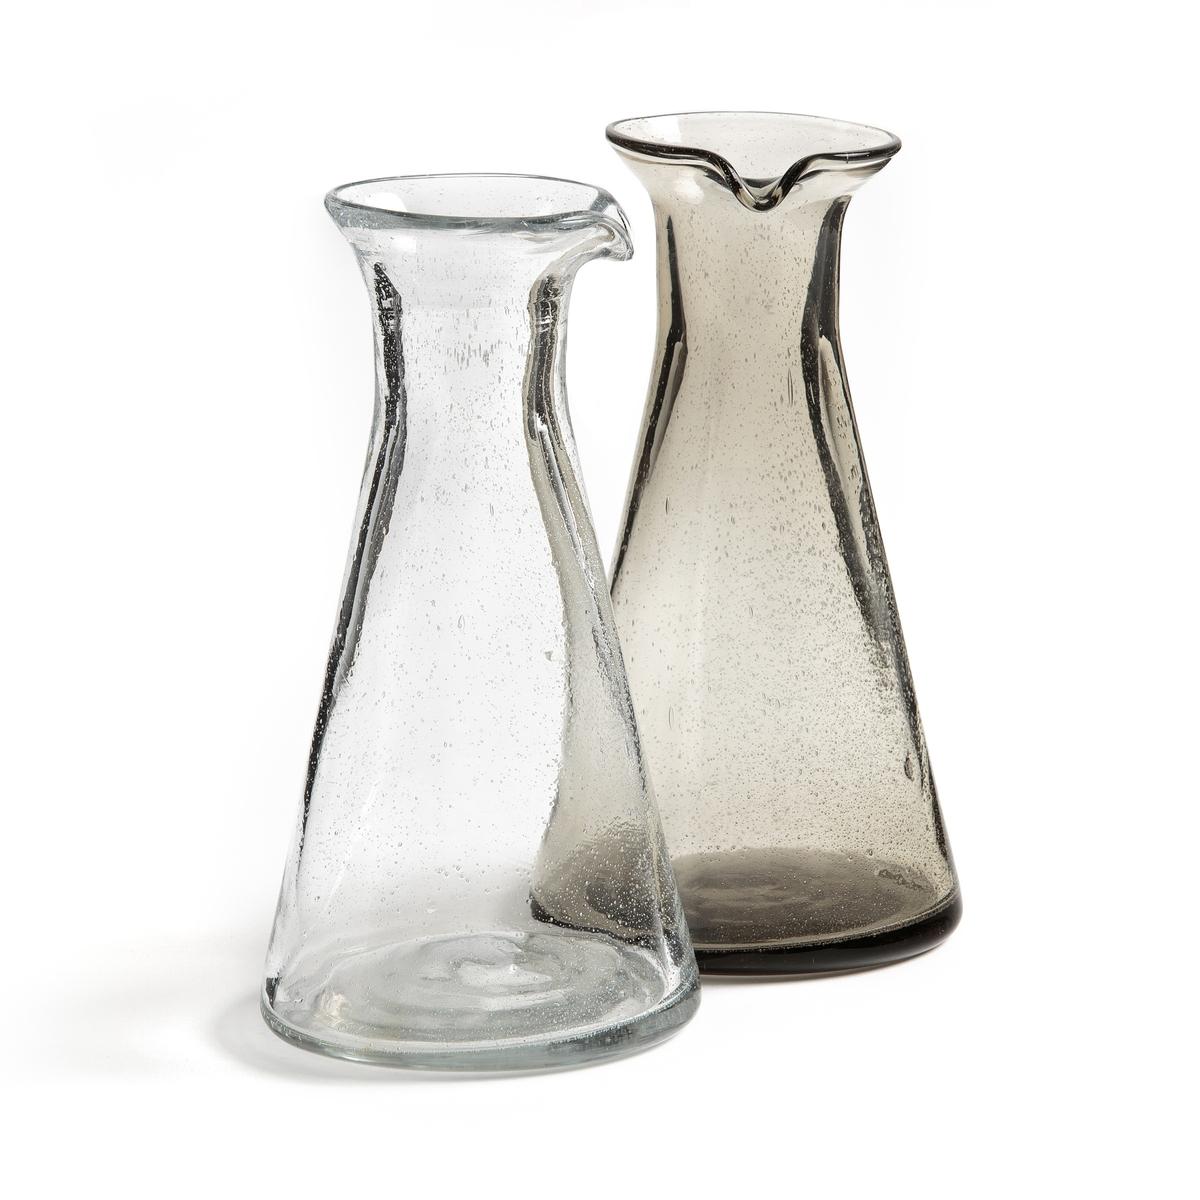 Графин для воды с пузырьковым эффектом FARAJIГрафин для воды Faraji с воздушными пузырьками для оригинального стиля.Характеристики графина для воды Faraji :Оригинальное стекло с воздушными пузырьками.- Диаметр   : 12,5 смВысота : 24,5 см    Подходит для мытья в посудомоечной машине.Нашу коллекцию Faraji и другие столовые приборы вы можете найти на сайте laredoute .ru<br><br>Цвет: антрацит,белый<br>Размер: единый размер